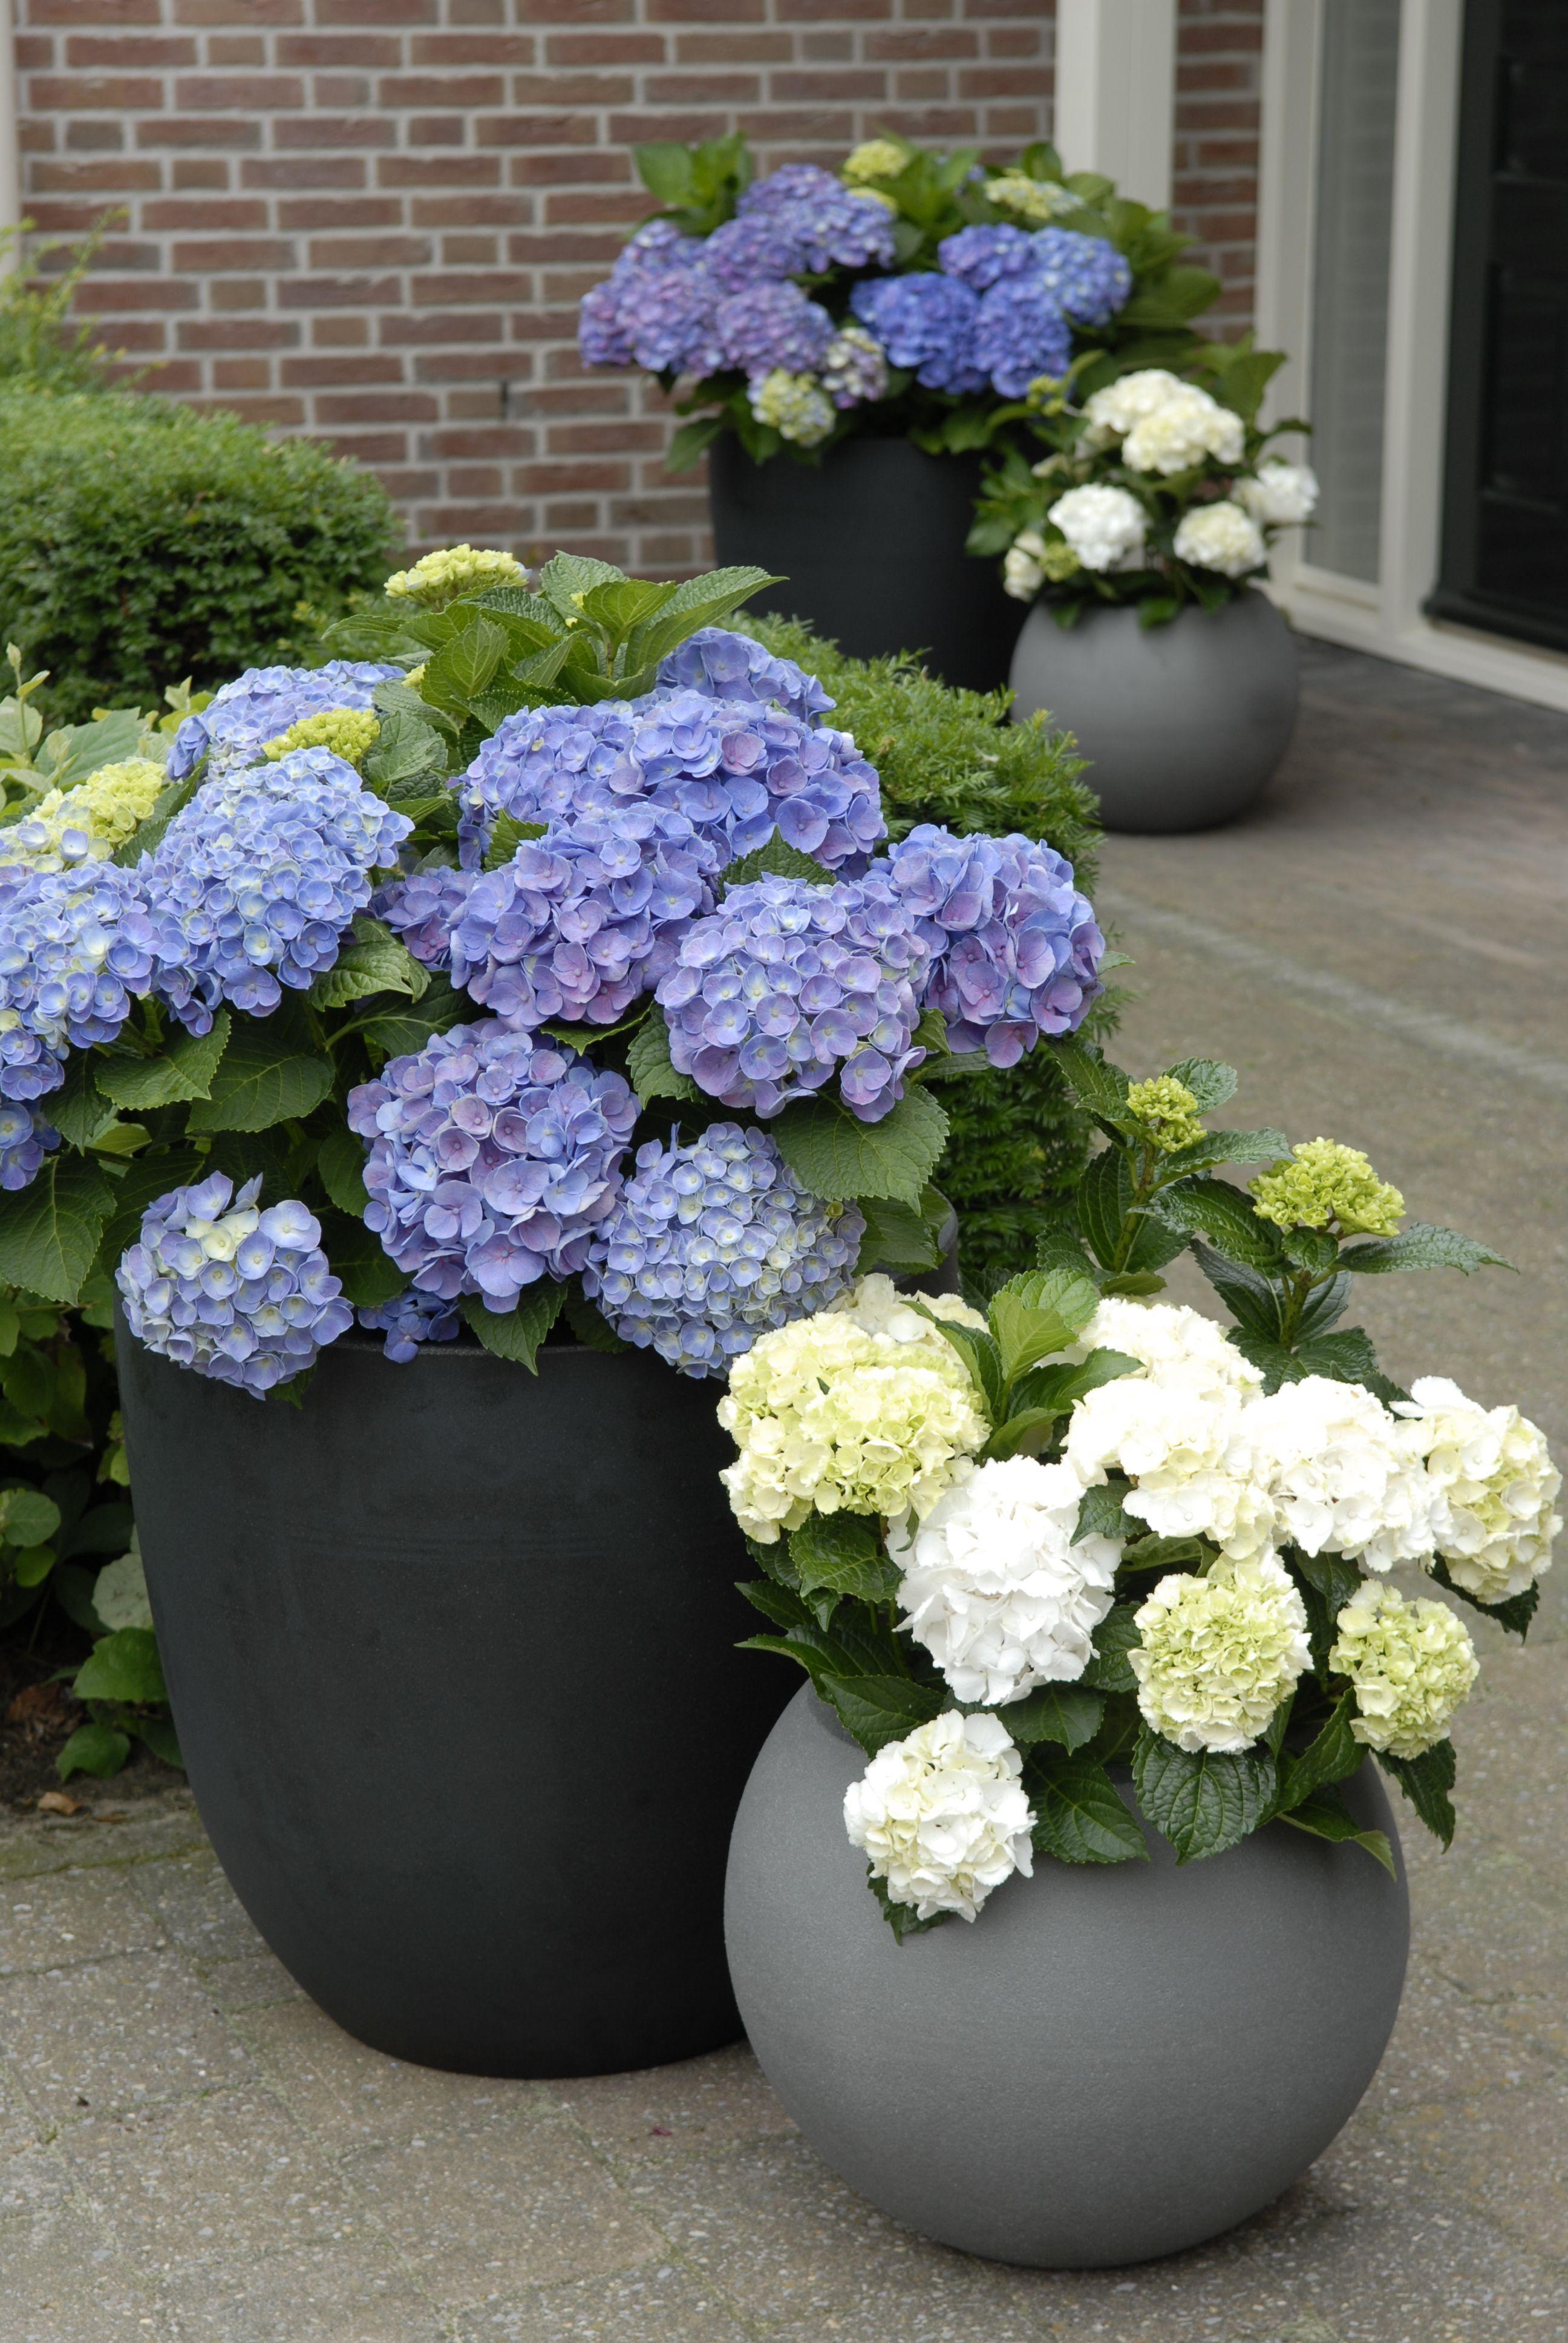 Tuch - Gartengestaltung Ideen #japangarden